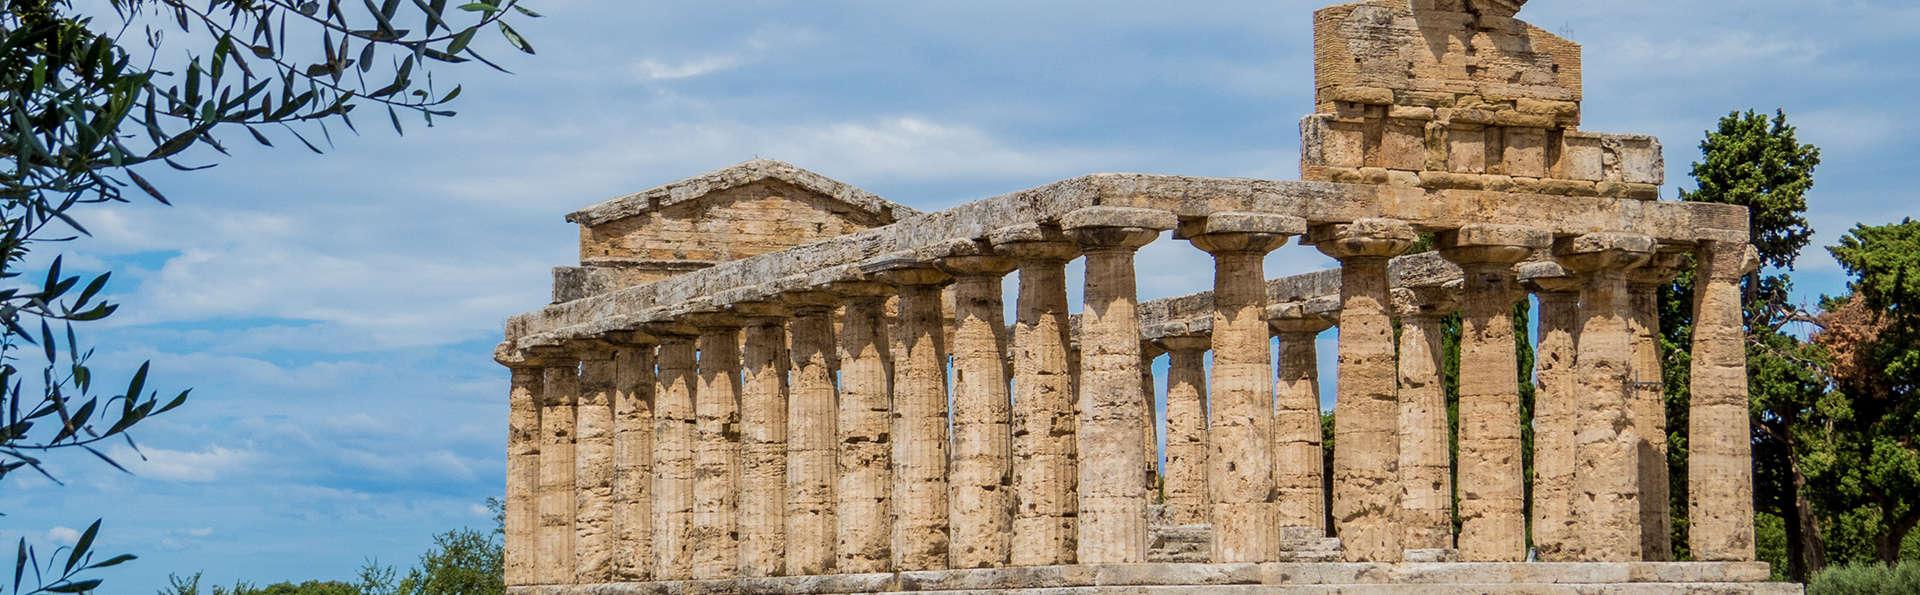 Spécial été : séjour au cœur de Paestum (à partir de 2 nuits)